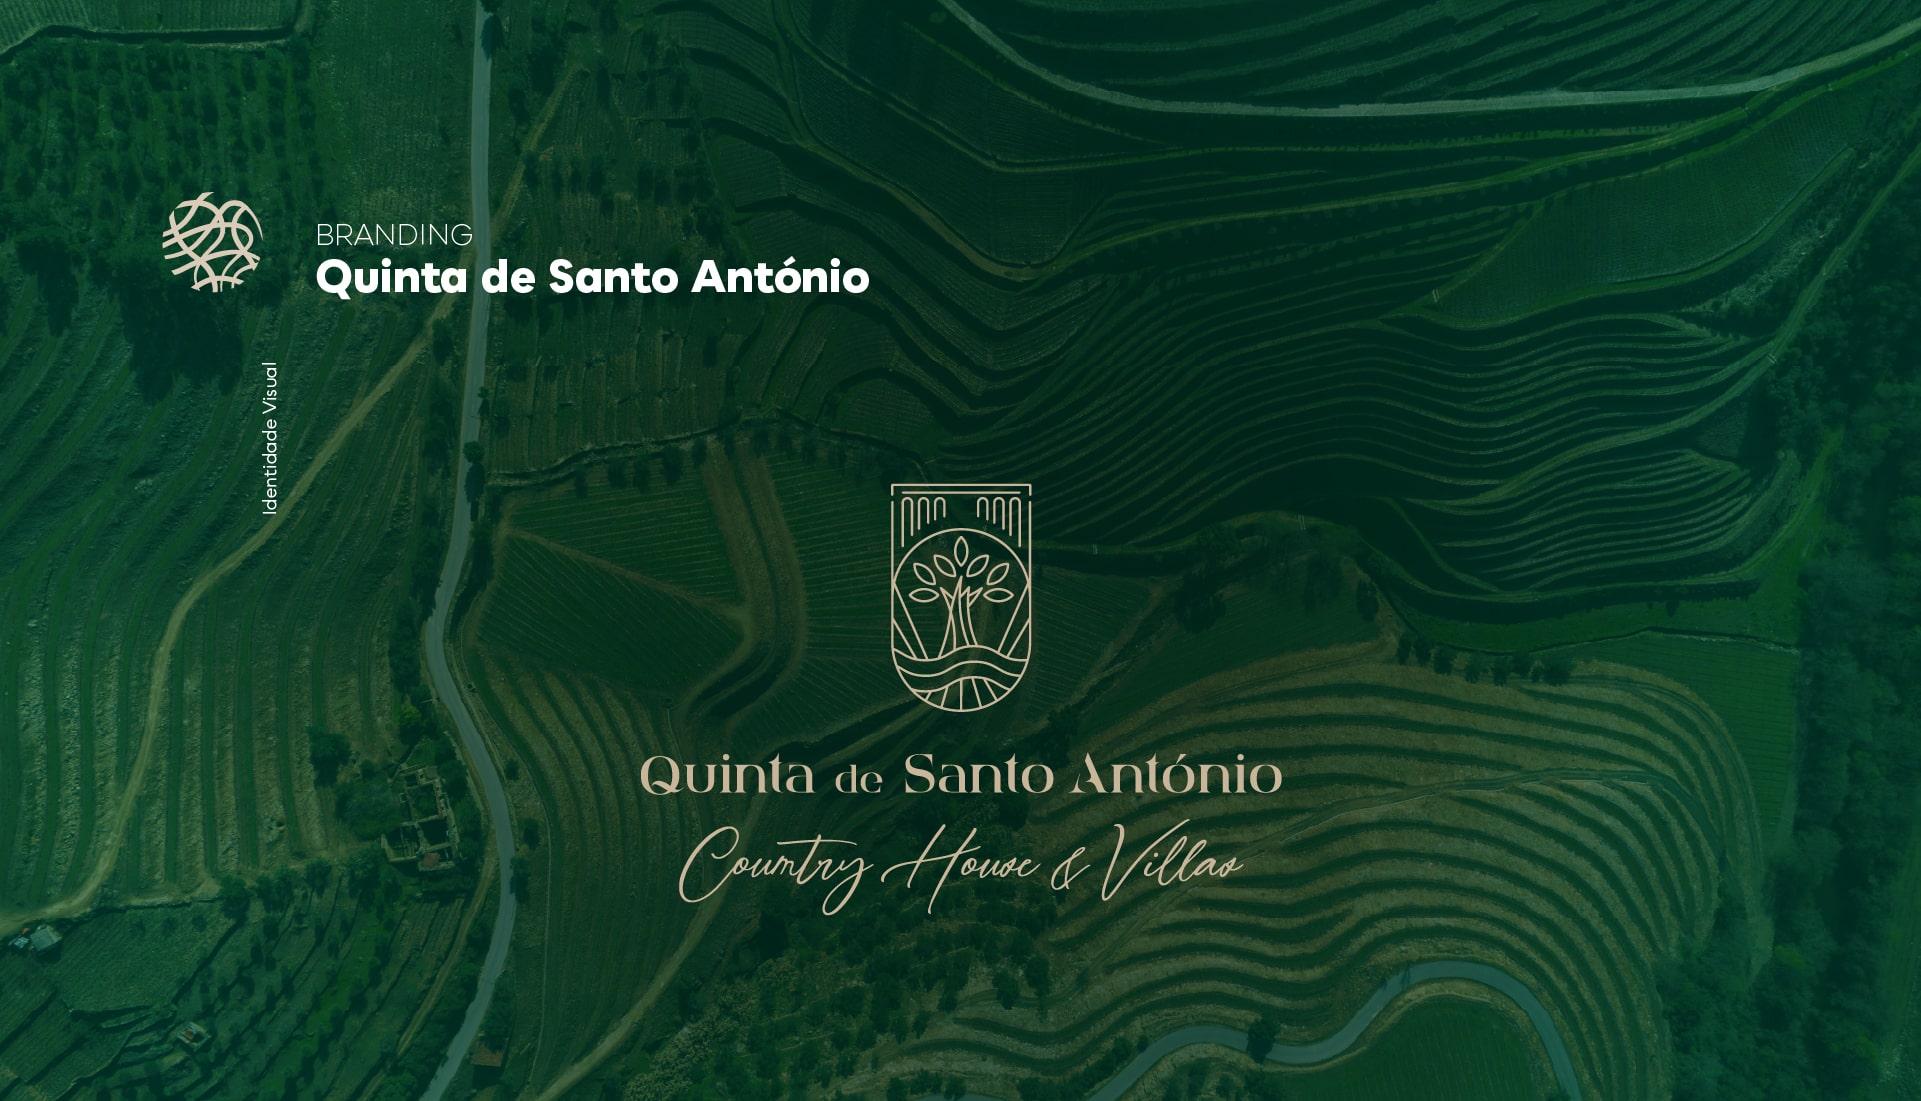 Logótipo principal do branding da Quinta de Santo António